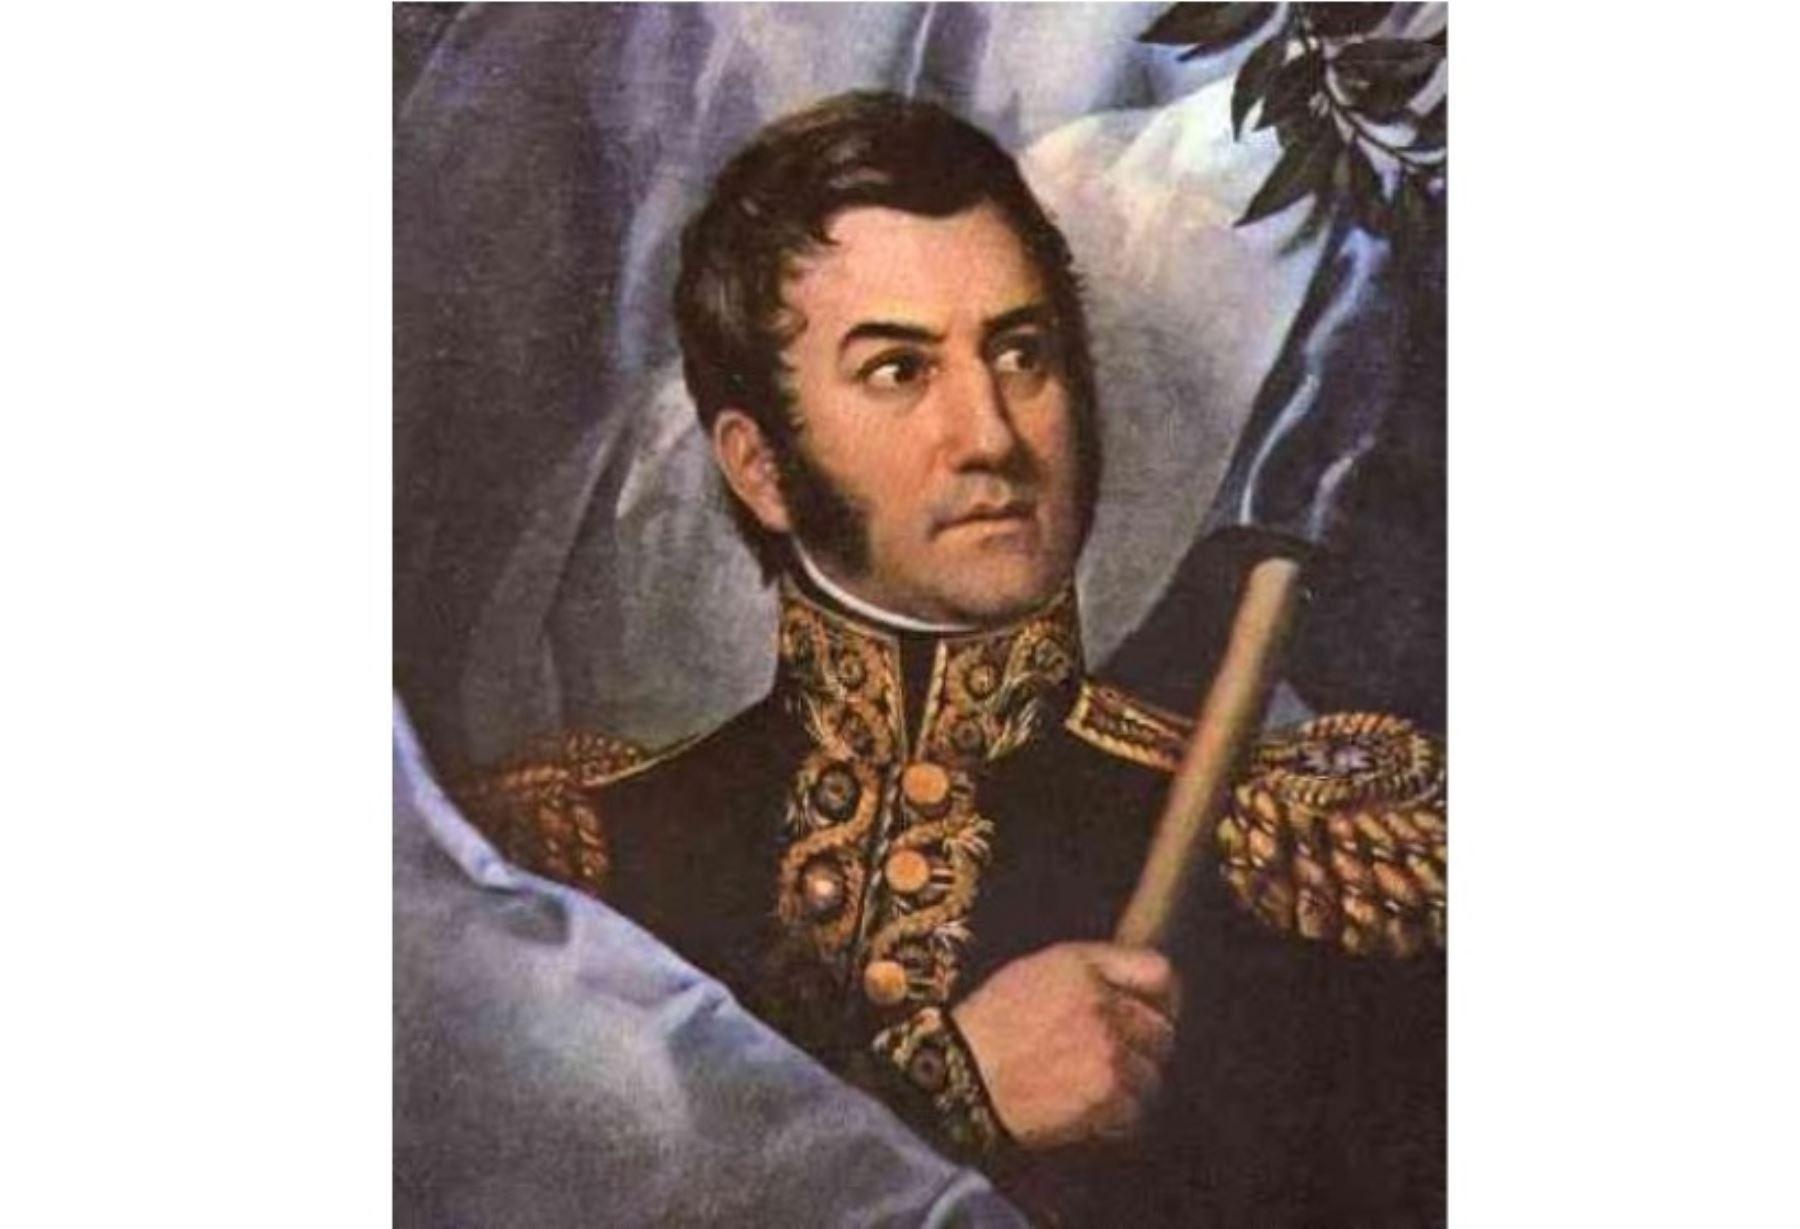 Así celebrará la Cátedra Bicentenario los 200 años del desembarco de la Expedición Libertadora del general José de San Martín en Pisco el 8 de setiembre de 1820.